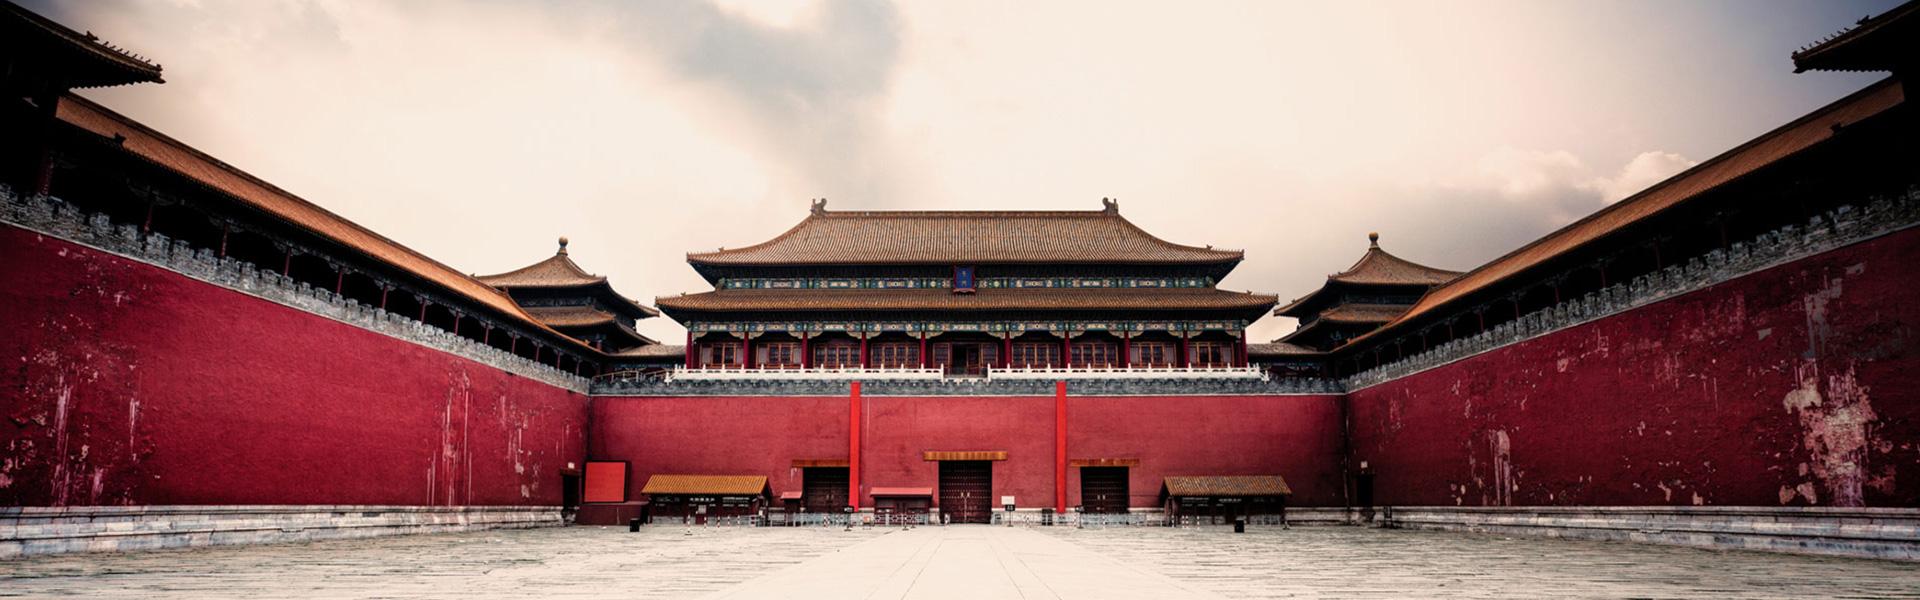 彰显中国道路独特魅力